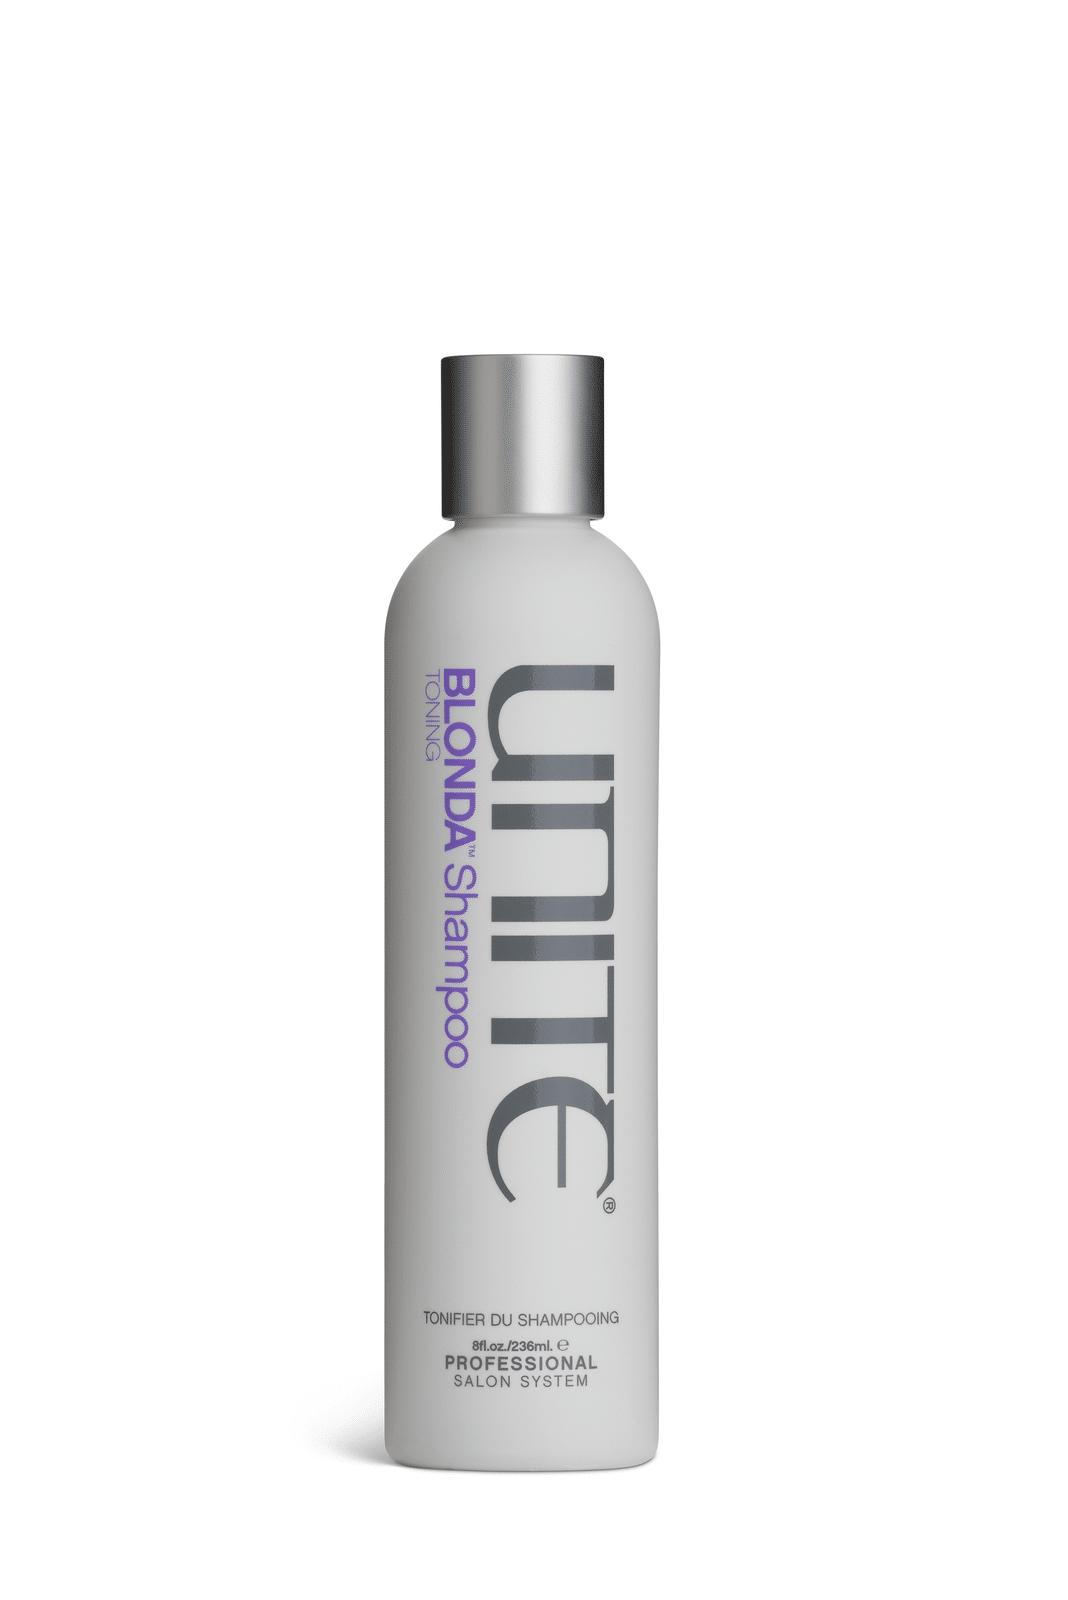 Unite - Blonda Shampoo 8oz